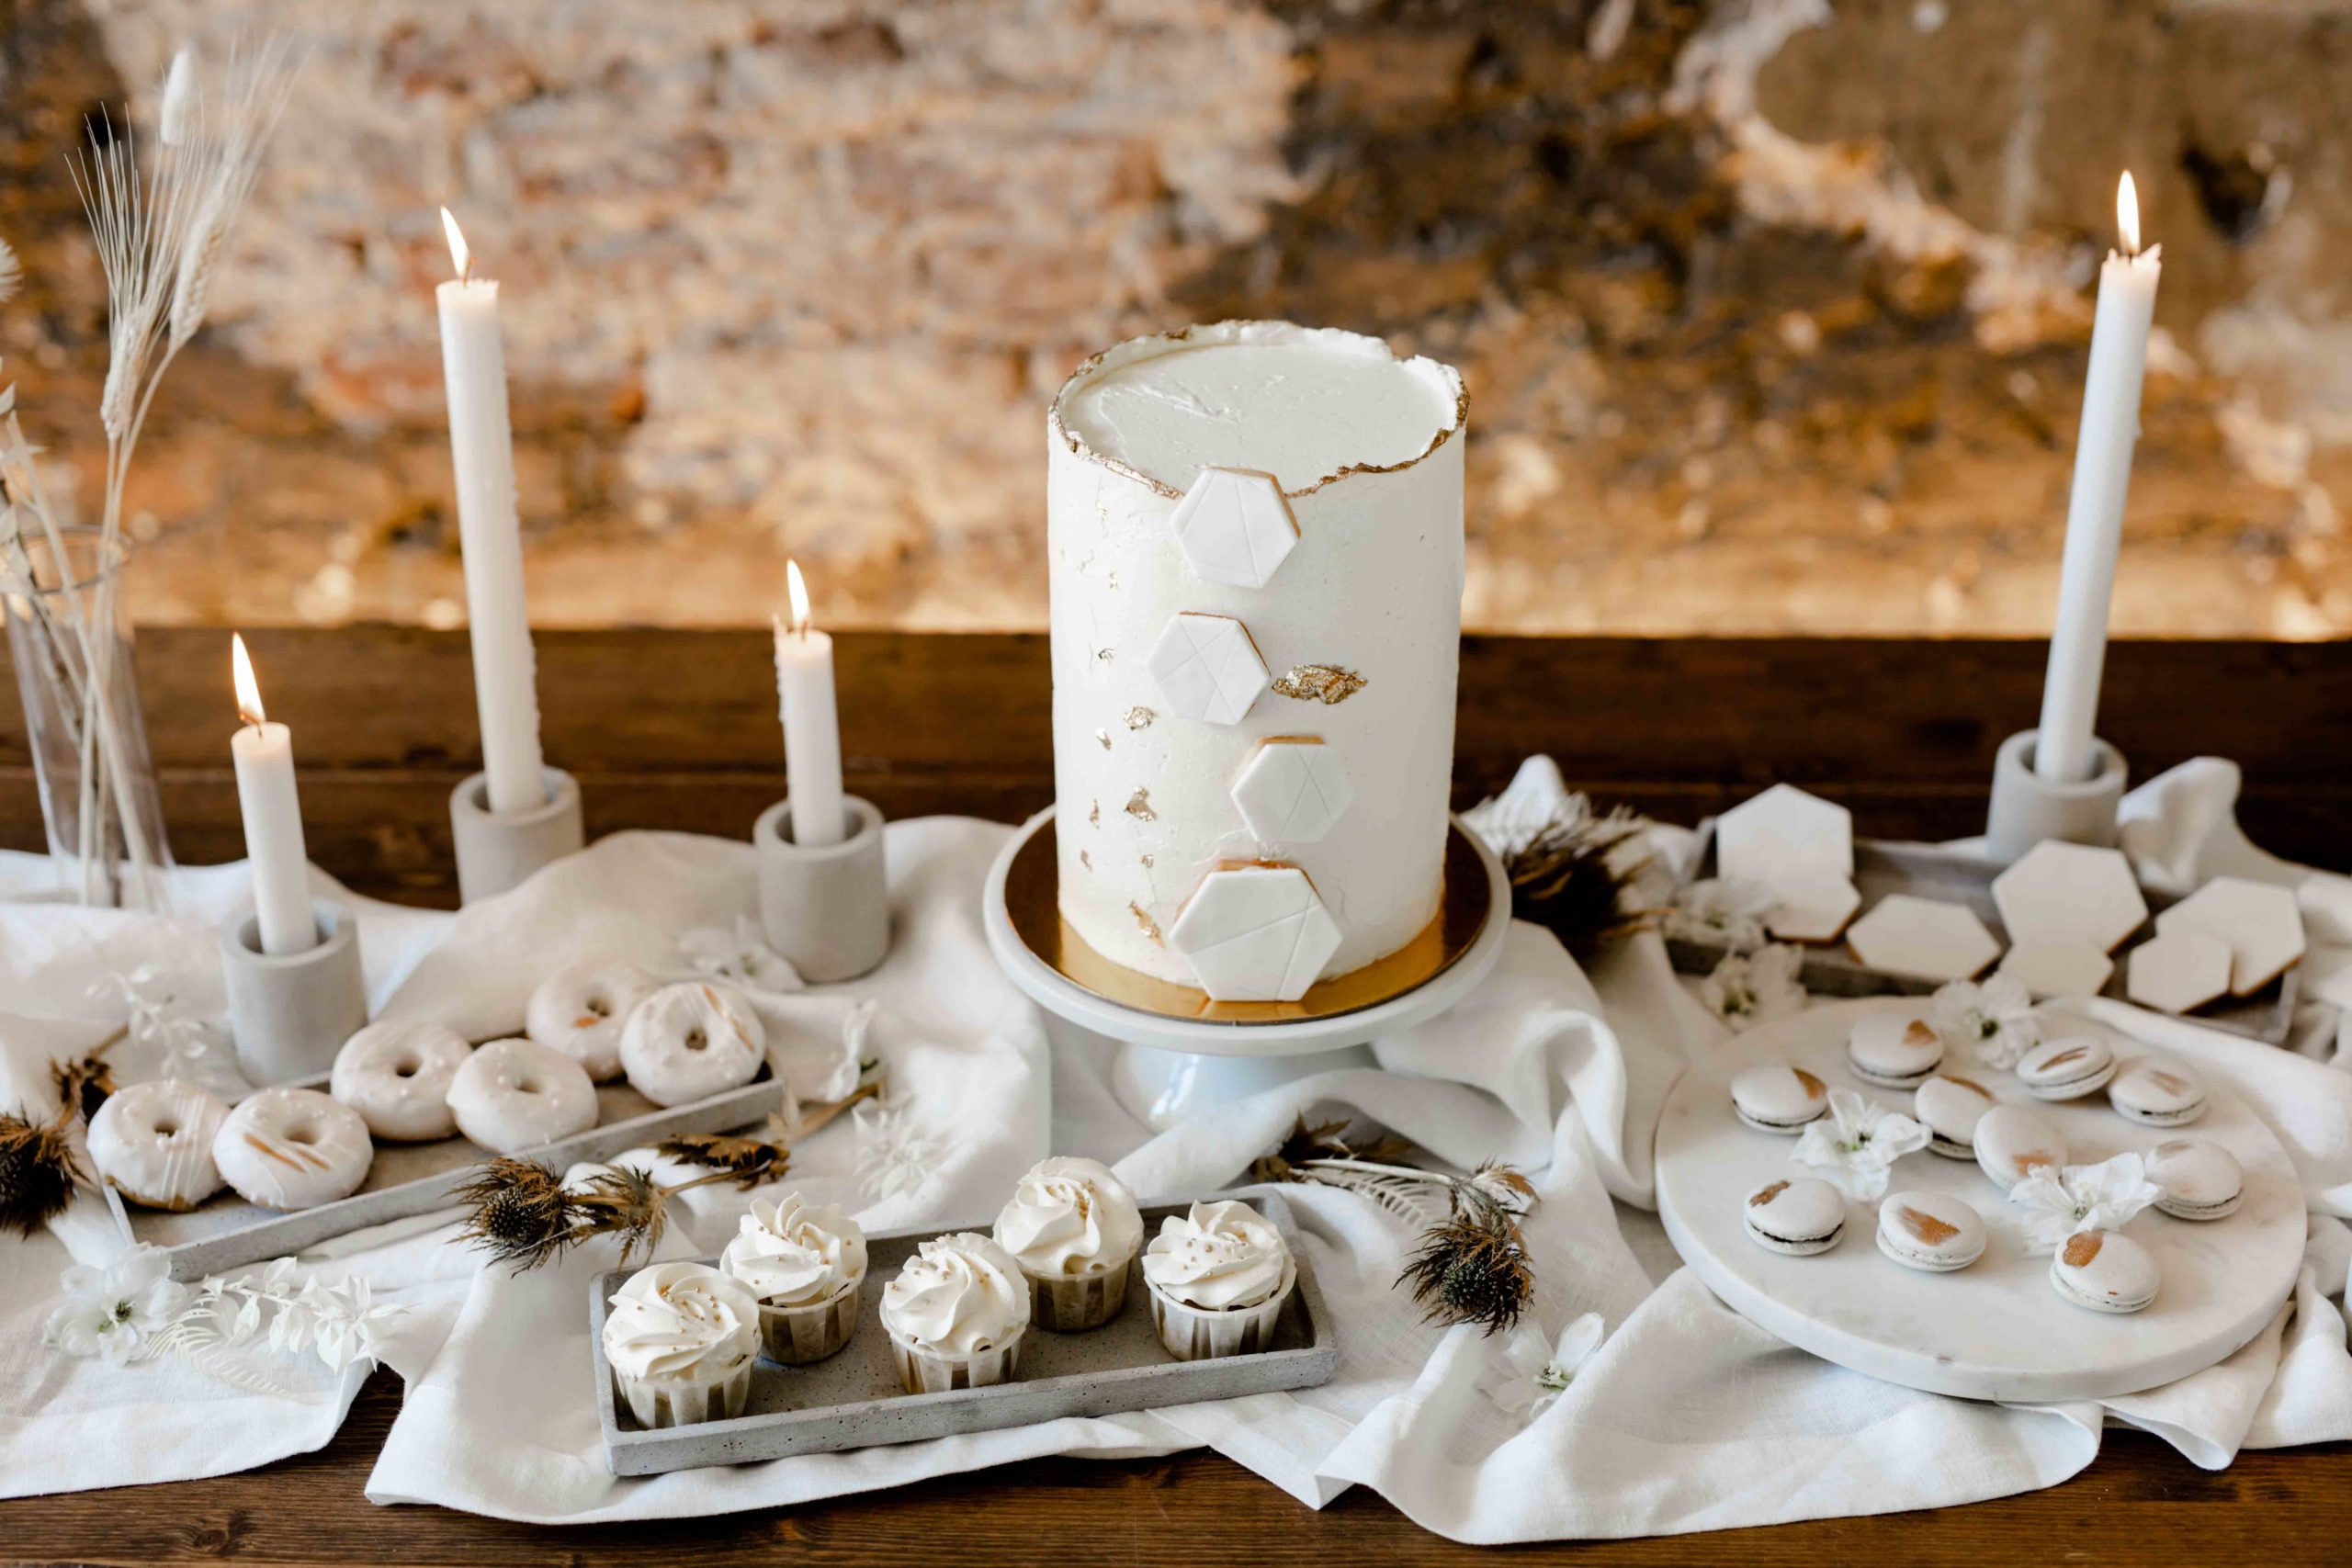 noni Brautmode, Styled Shoot, Tischdekoration für Hochzeit in Weiß mit Kerzenhaltern, weiß-glasierten Mini-Donuts und Trockenblumen und Naked Cake Hochzeitstorte in Weiß